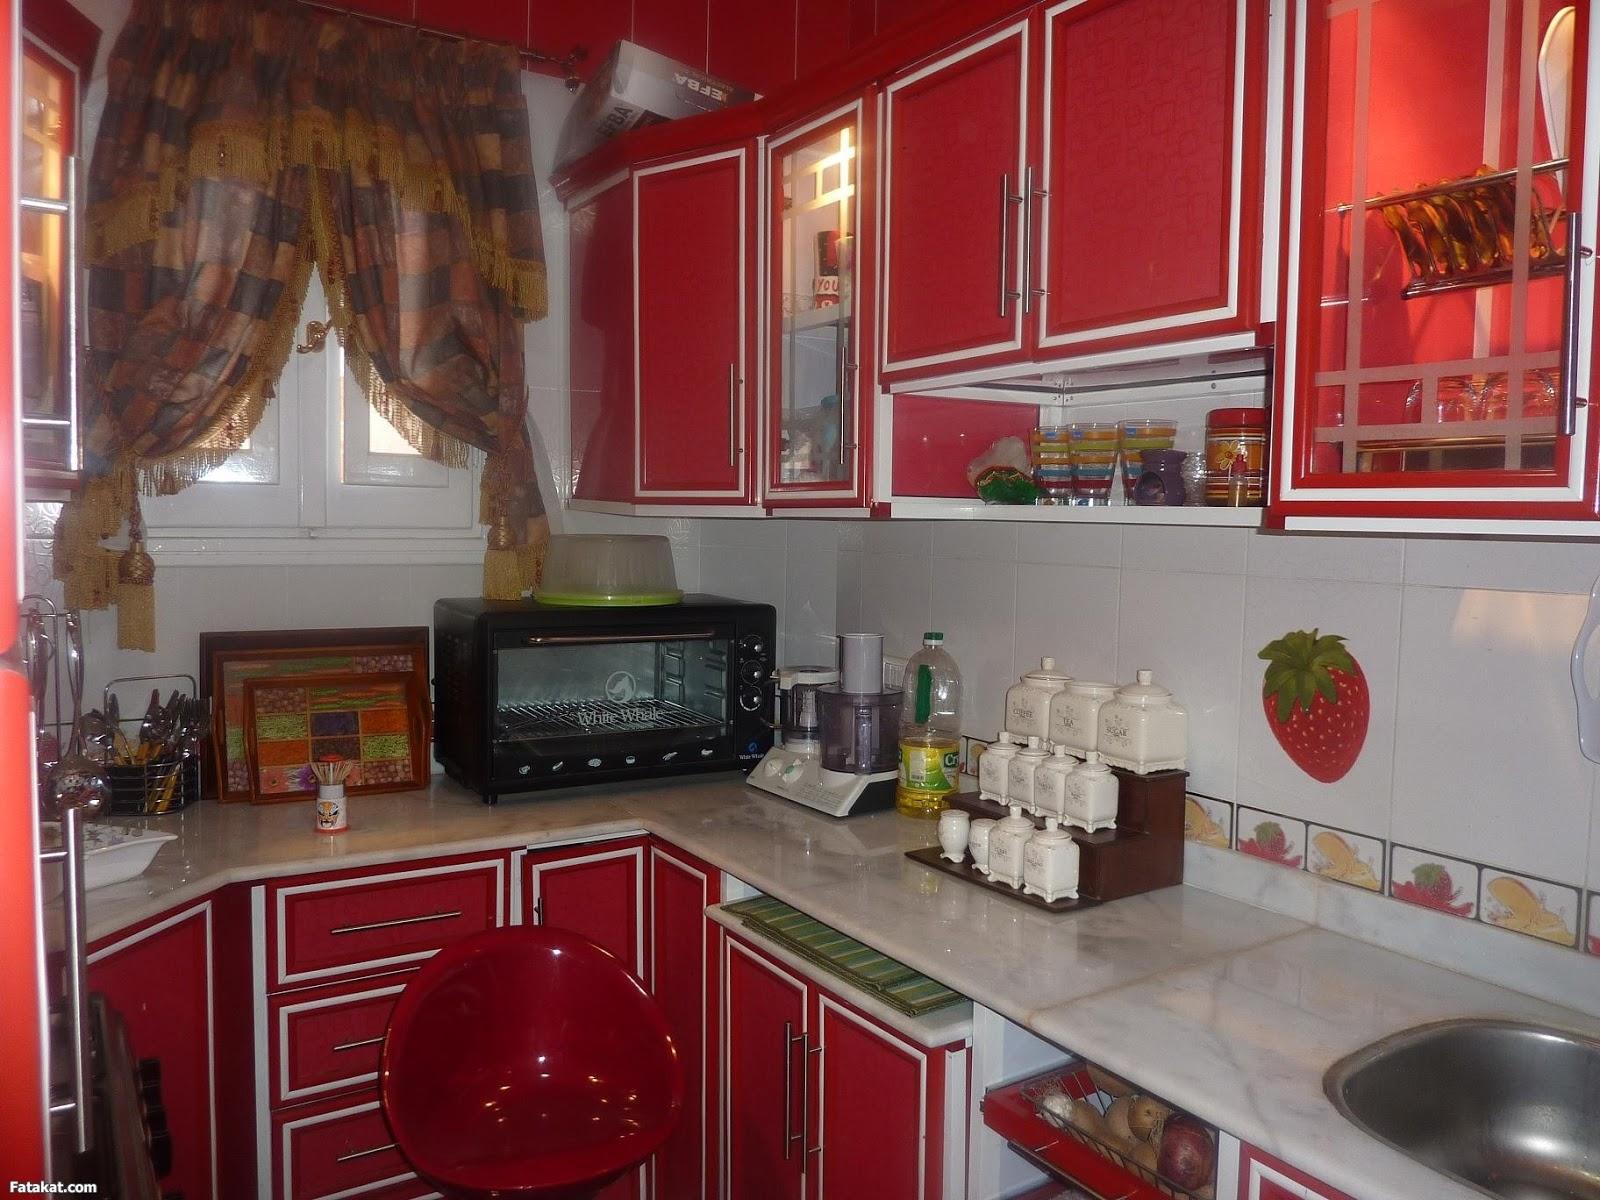 تصميم مطابخ الوميتال الصغيرة و الضيقة Egypt Kitchen